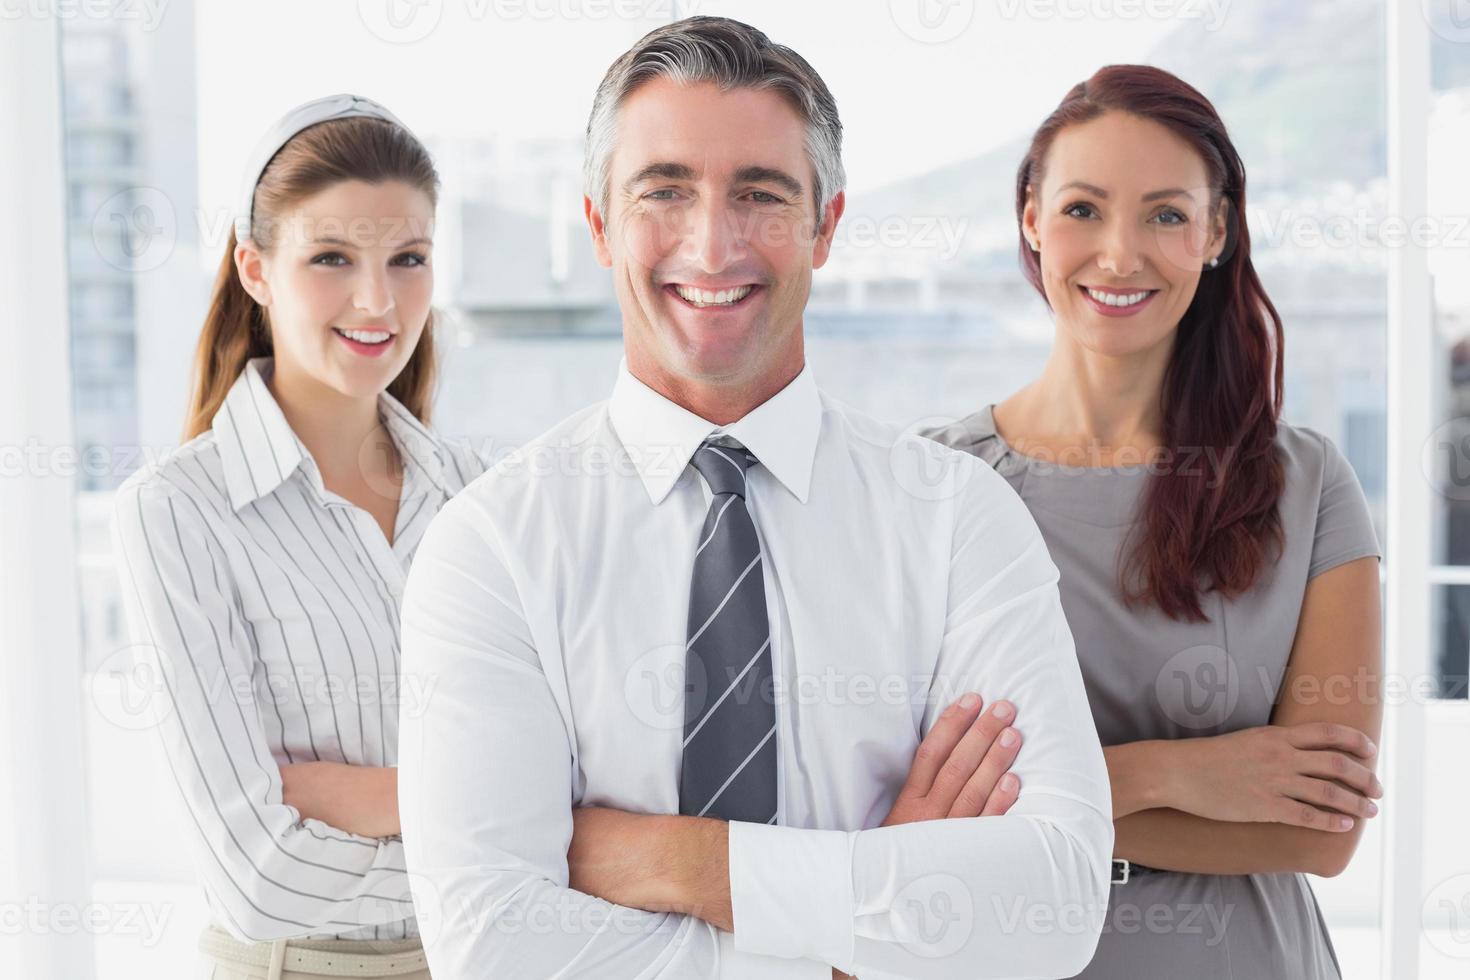 sonriente hombre de negocios con colegas foto